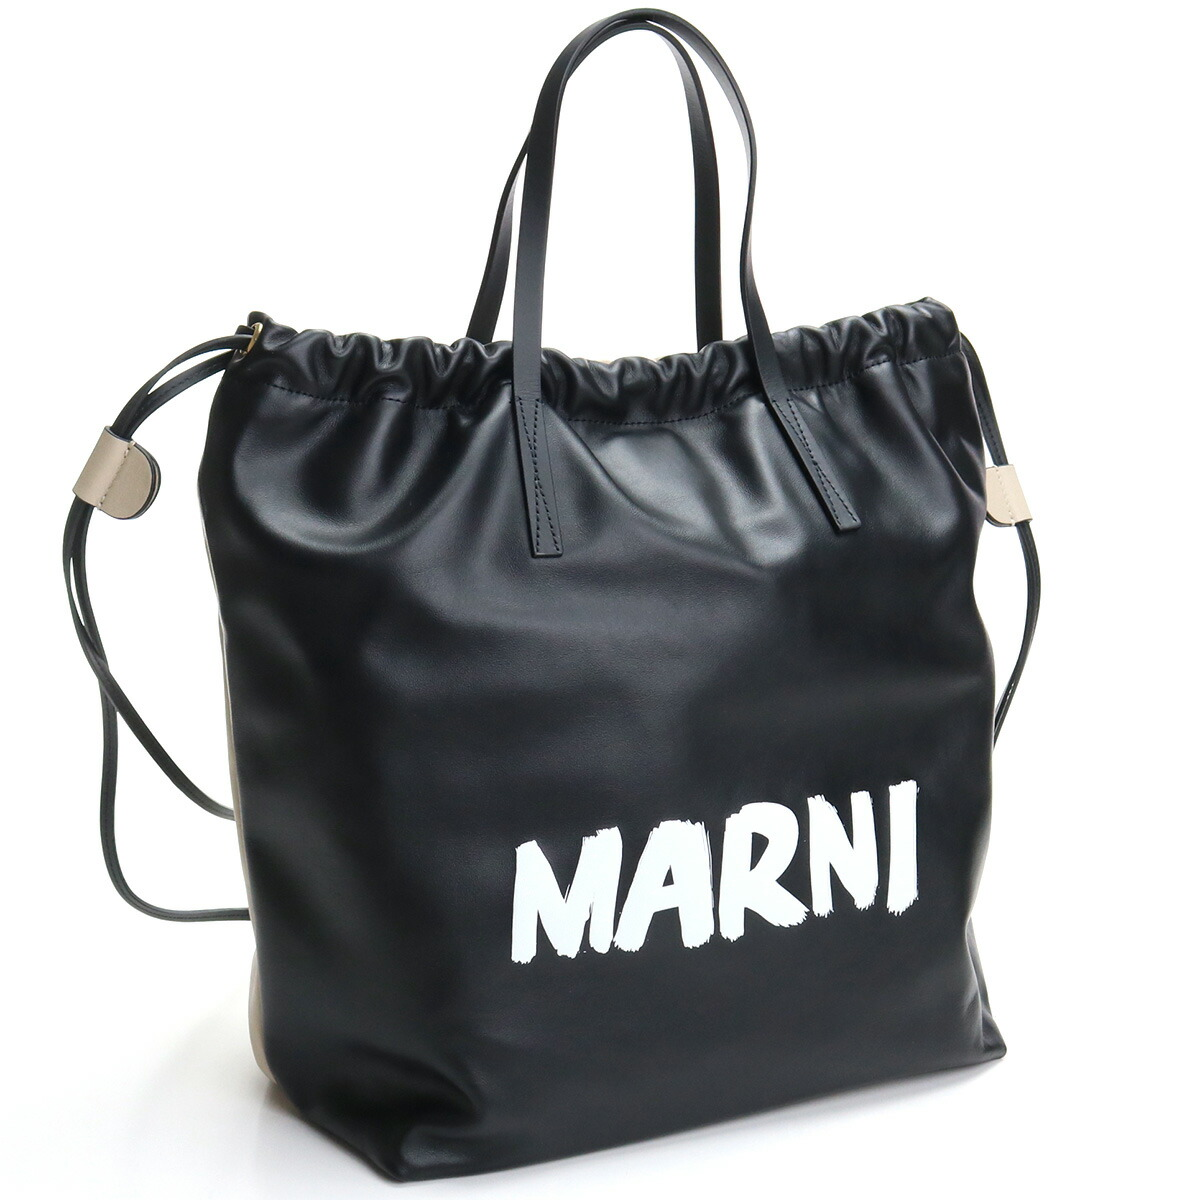 マルニ MARNI  リュック ハンドバッグ ブランドバッグ ブランドロゴ ZAMP0011Q2 P0658 ZL170 ブラック  bos-22 bag-01